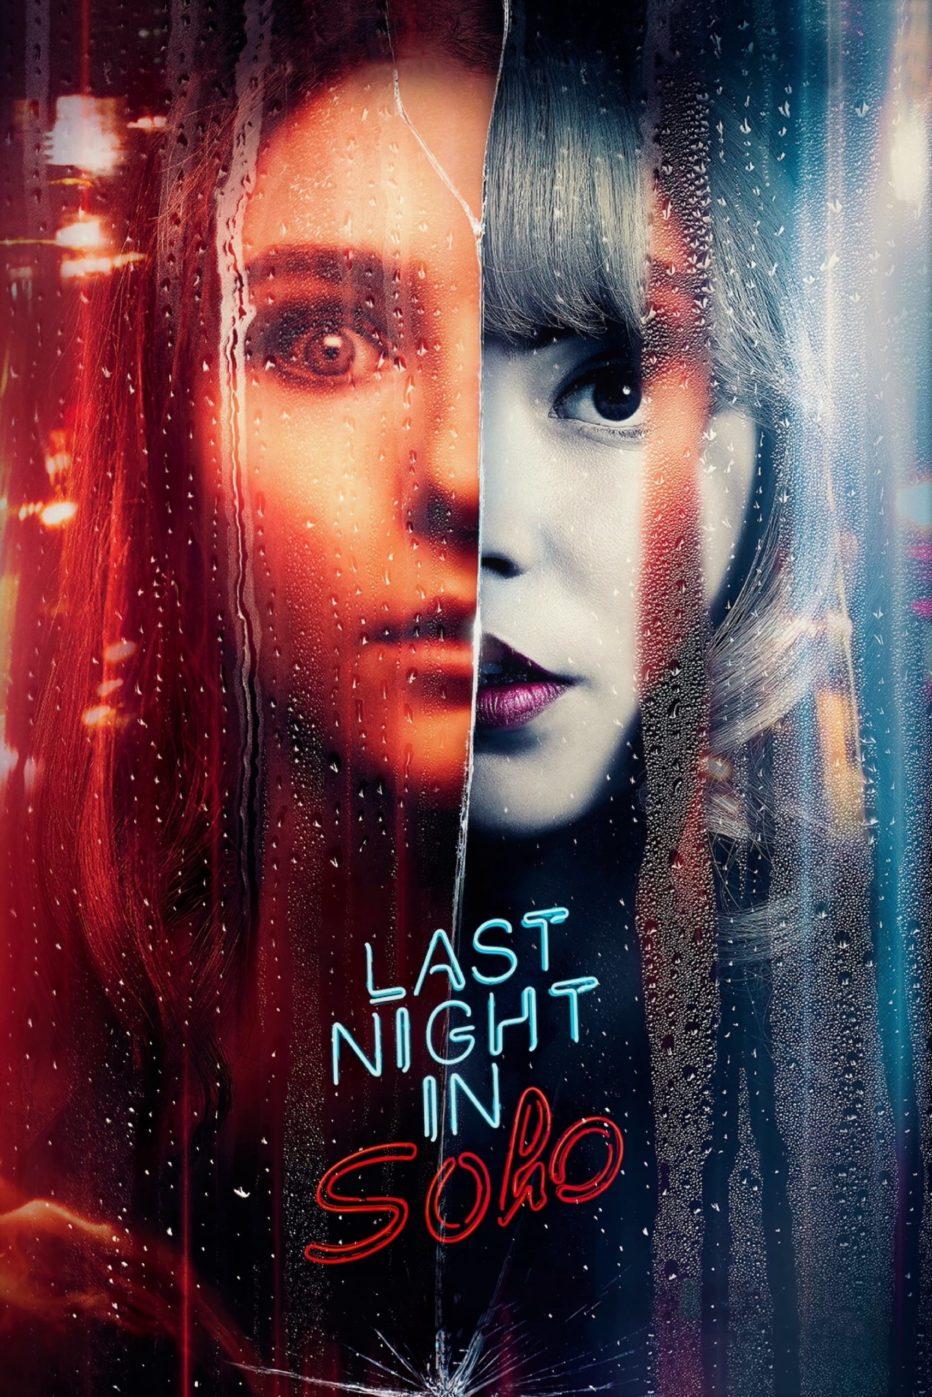 Last night in Soho: Trailer final de lo nuevo de Edgar Wright